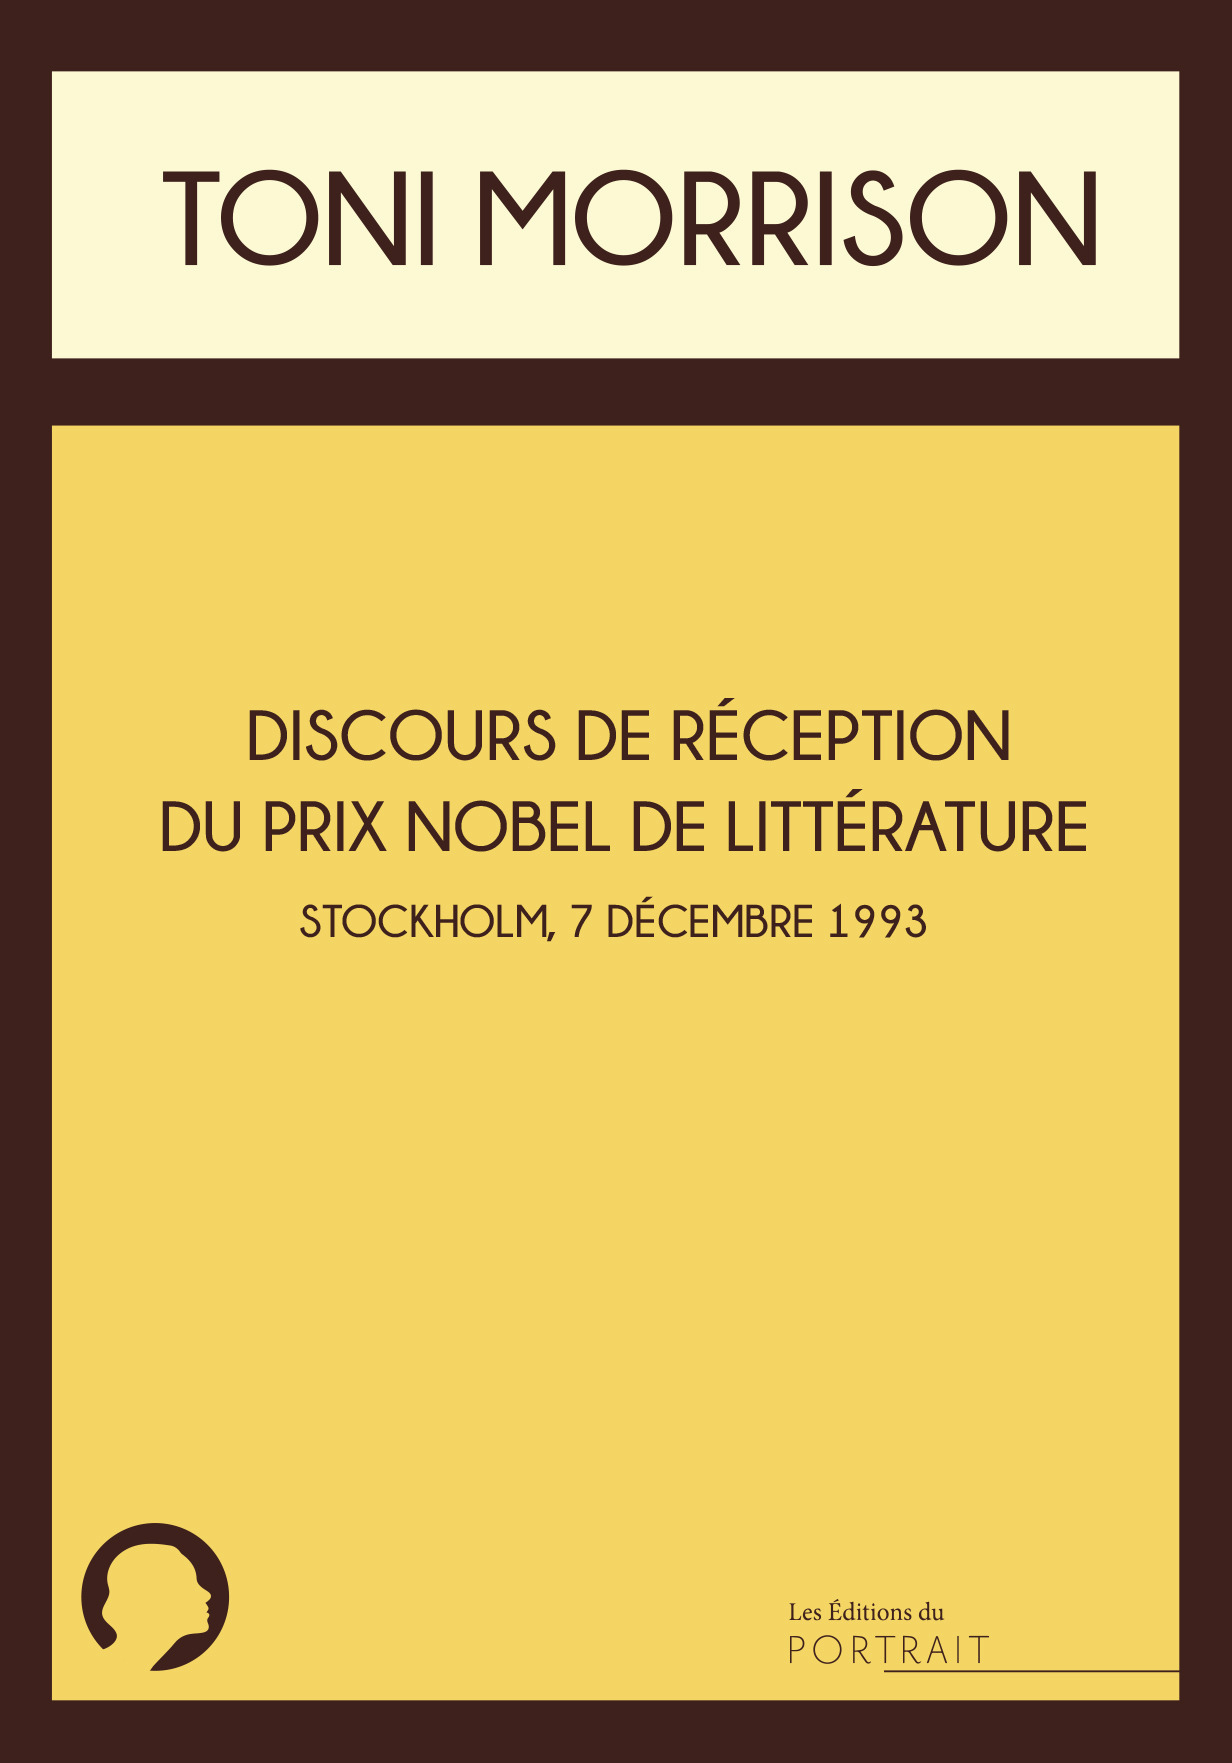 Nouveau livreToni Morrison Discours de réception du prix Nobel de littérature, 7 décembre 1993